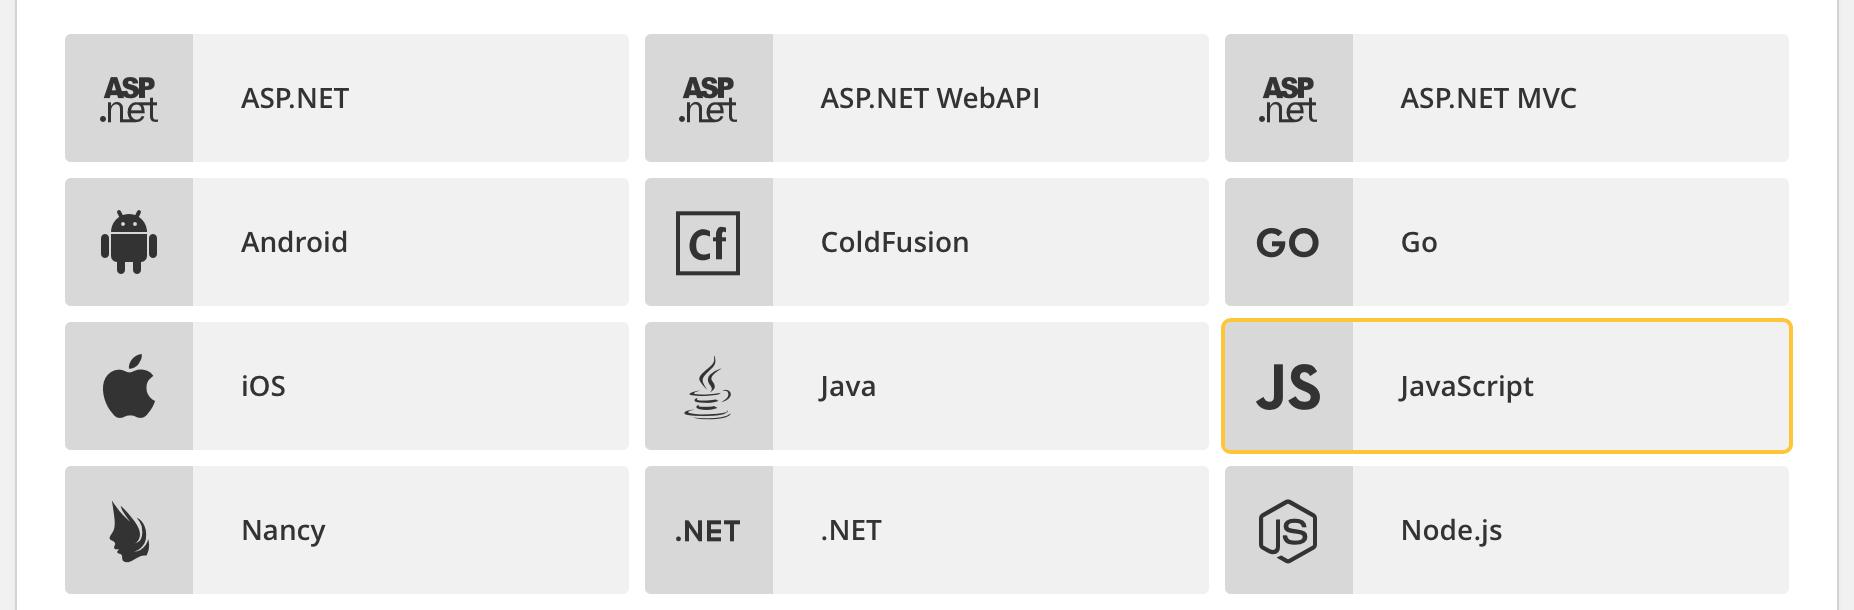 raygun javascript language option